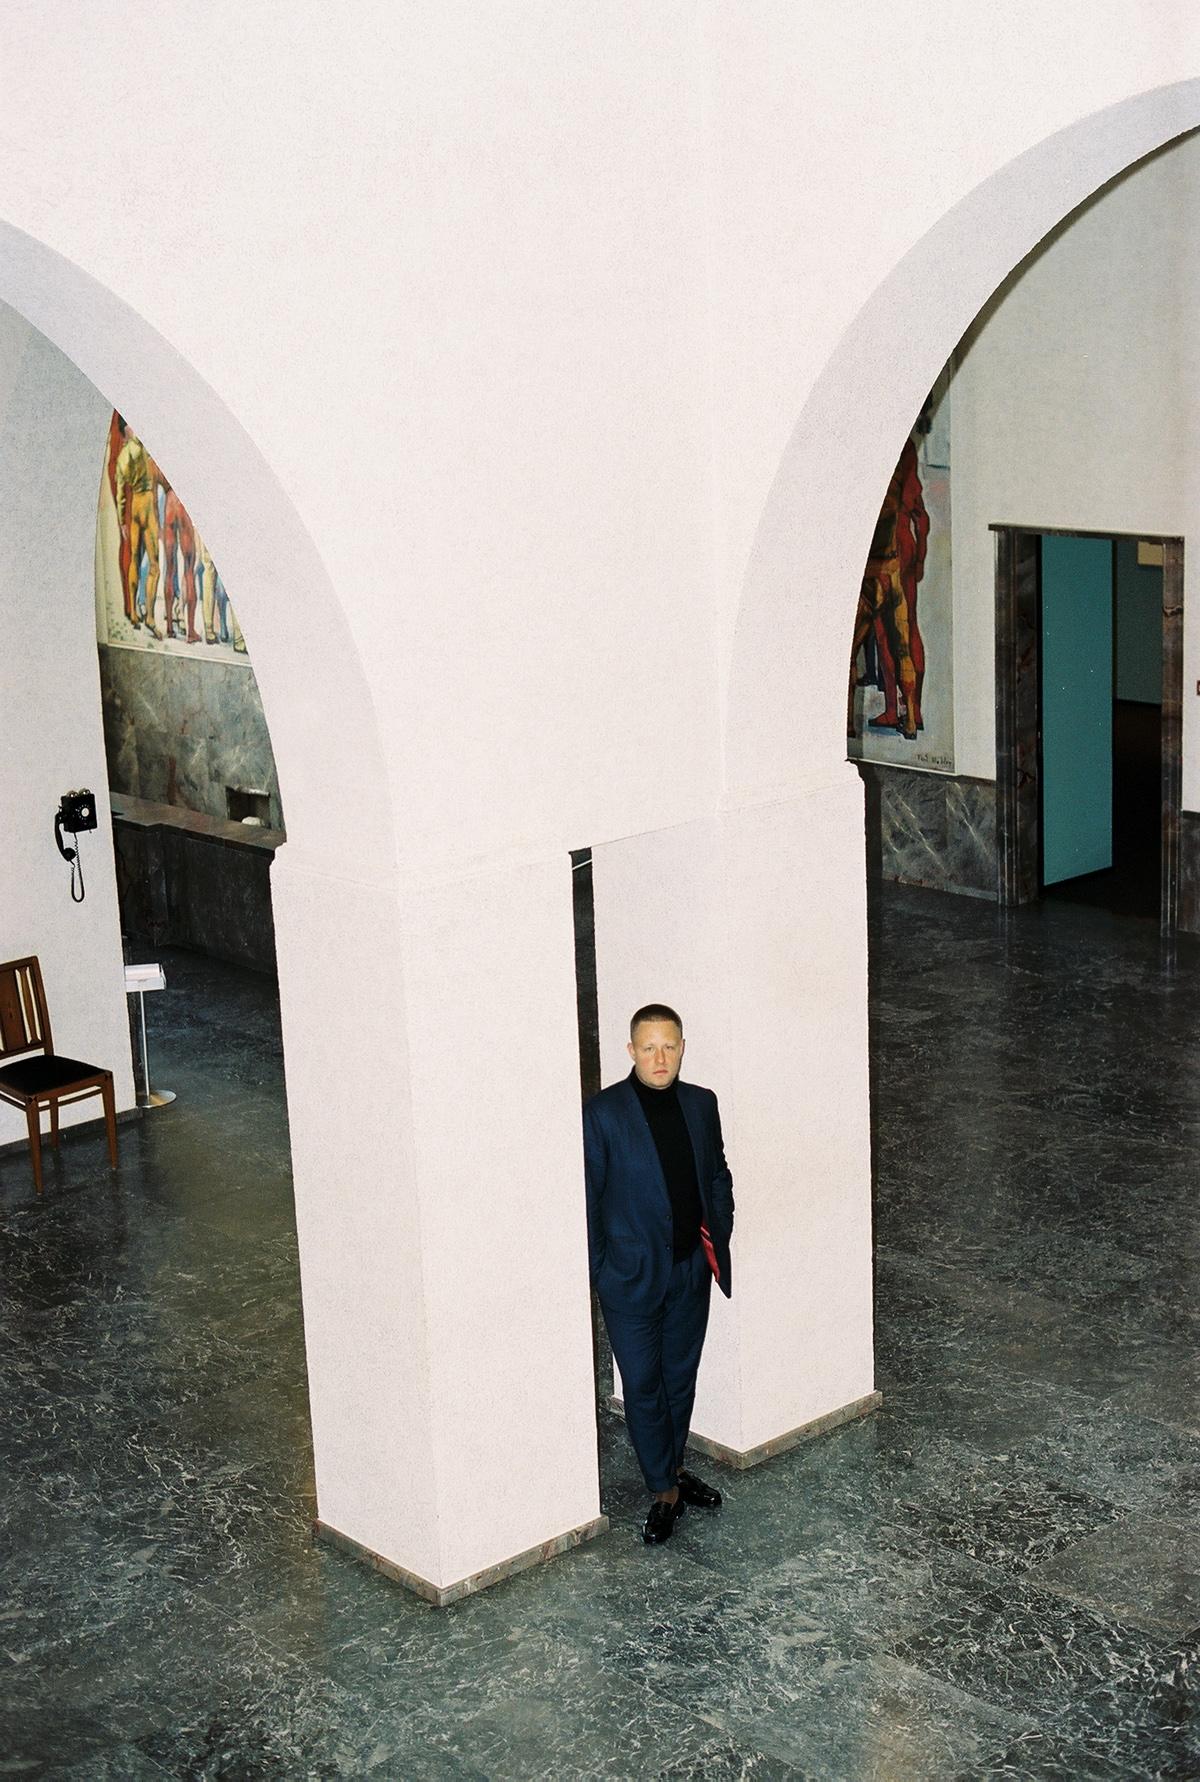 Simon Habegger Wingwall Filip Galkovski Unternehmer Unternehmensberatung Kunsthaus Bogen